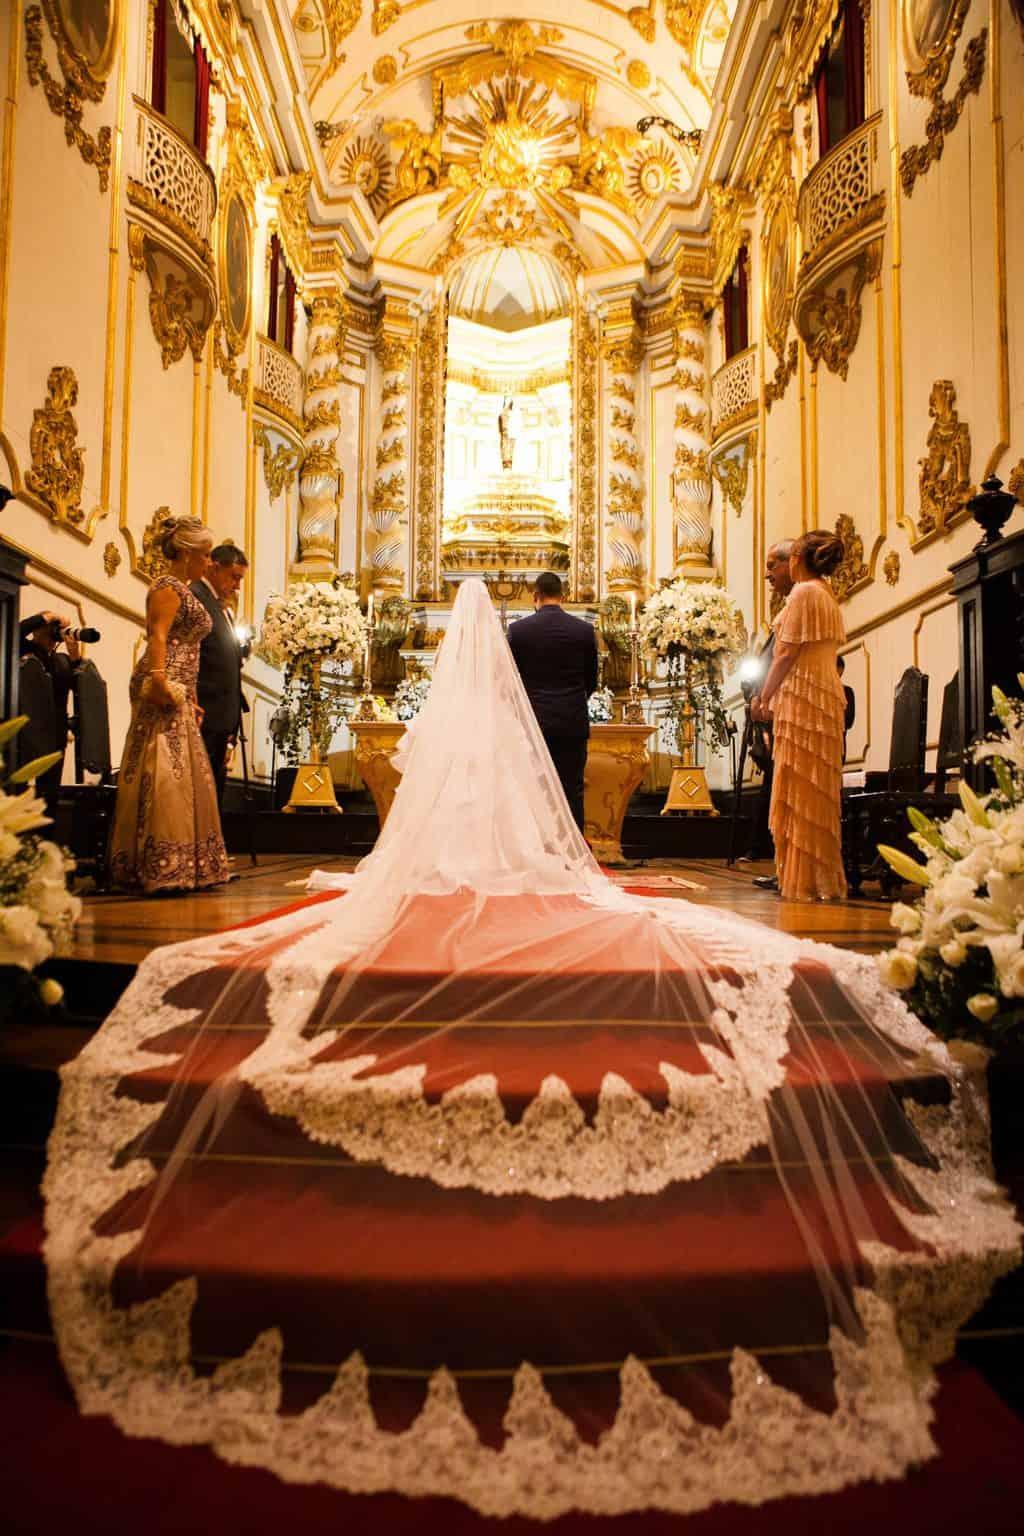 Casamento-Clássico-Casamento-tradicional-Cerimônia-Copacabana-Palace-Monica-Roias-Ribas-Foto-e-Vídeo-Tuanny-e-Bernardo-CaseMe-9